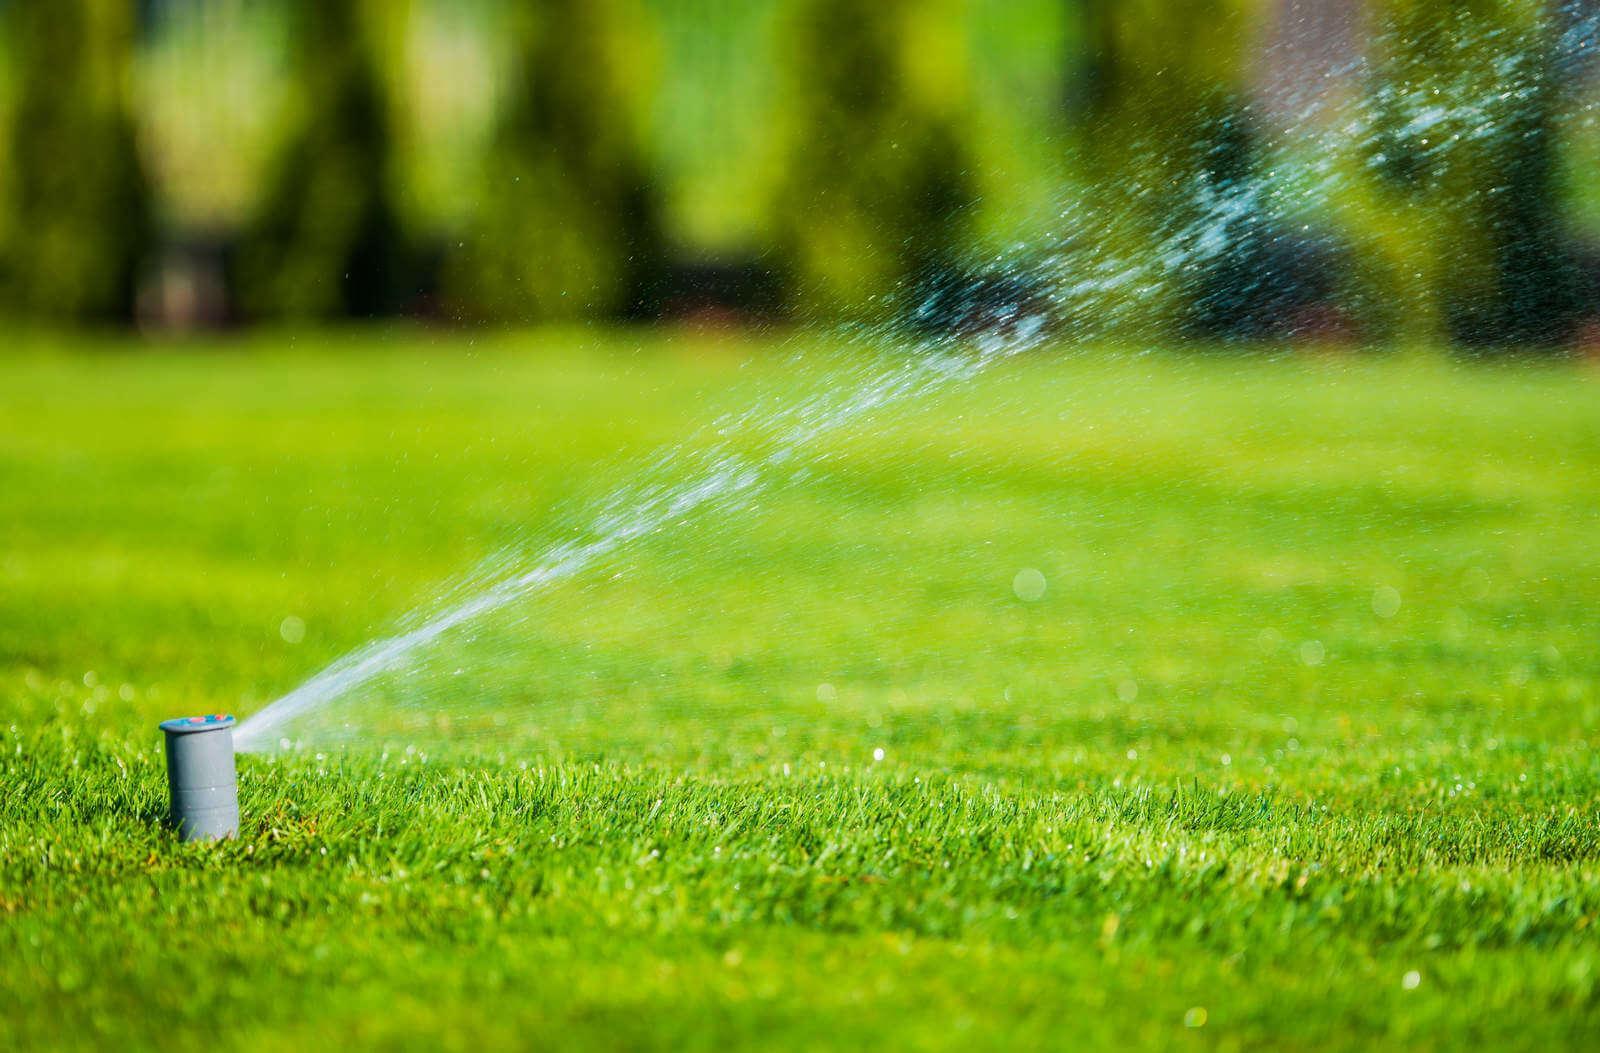 profesjonalne usługi ogrodnicze w btdm ogrody